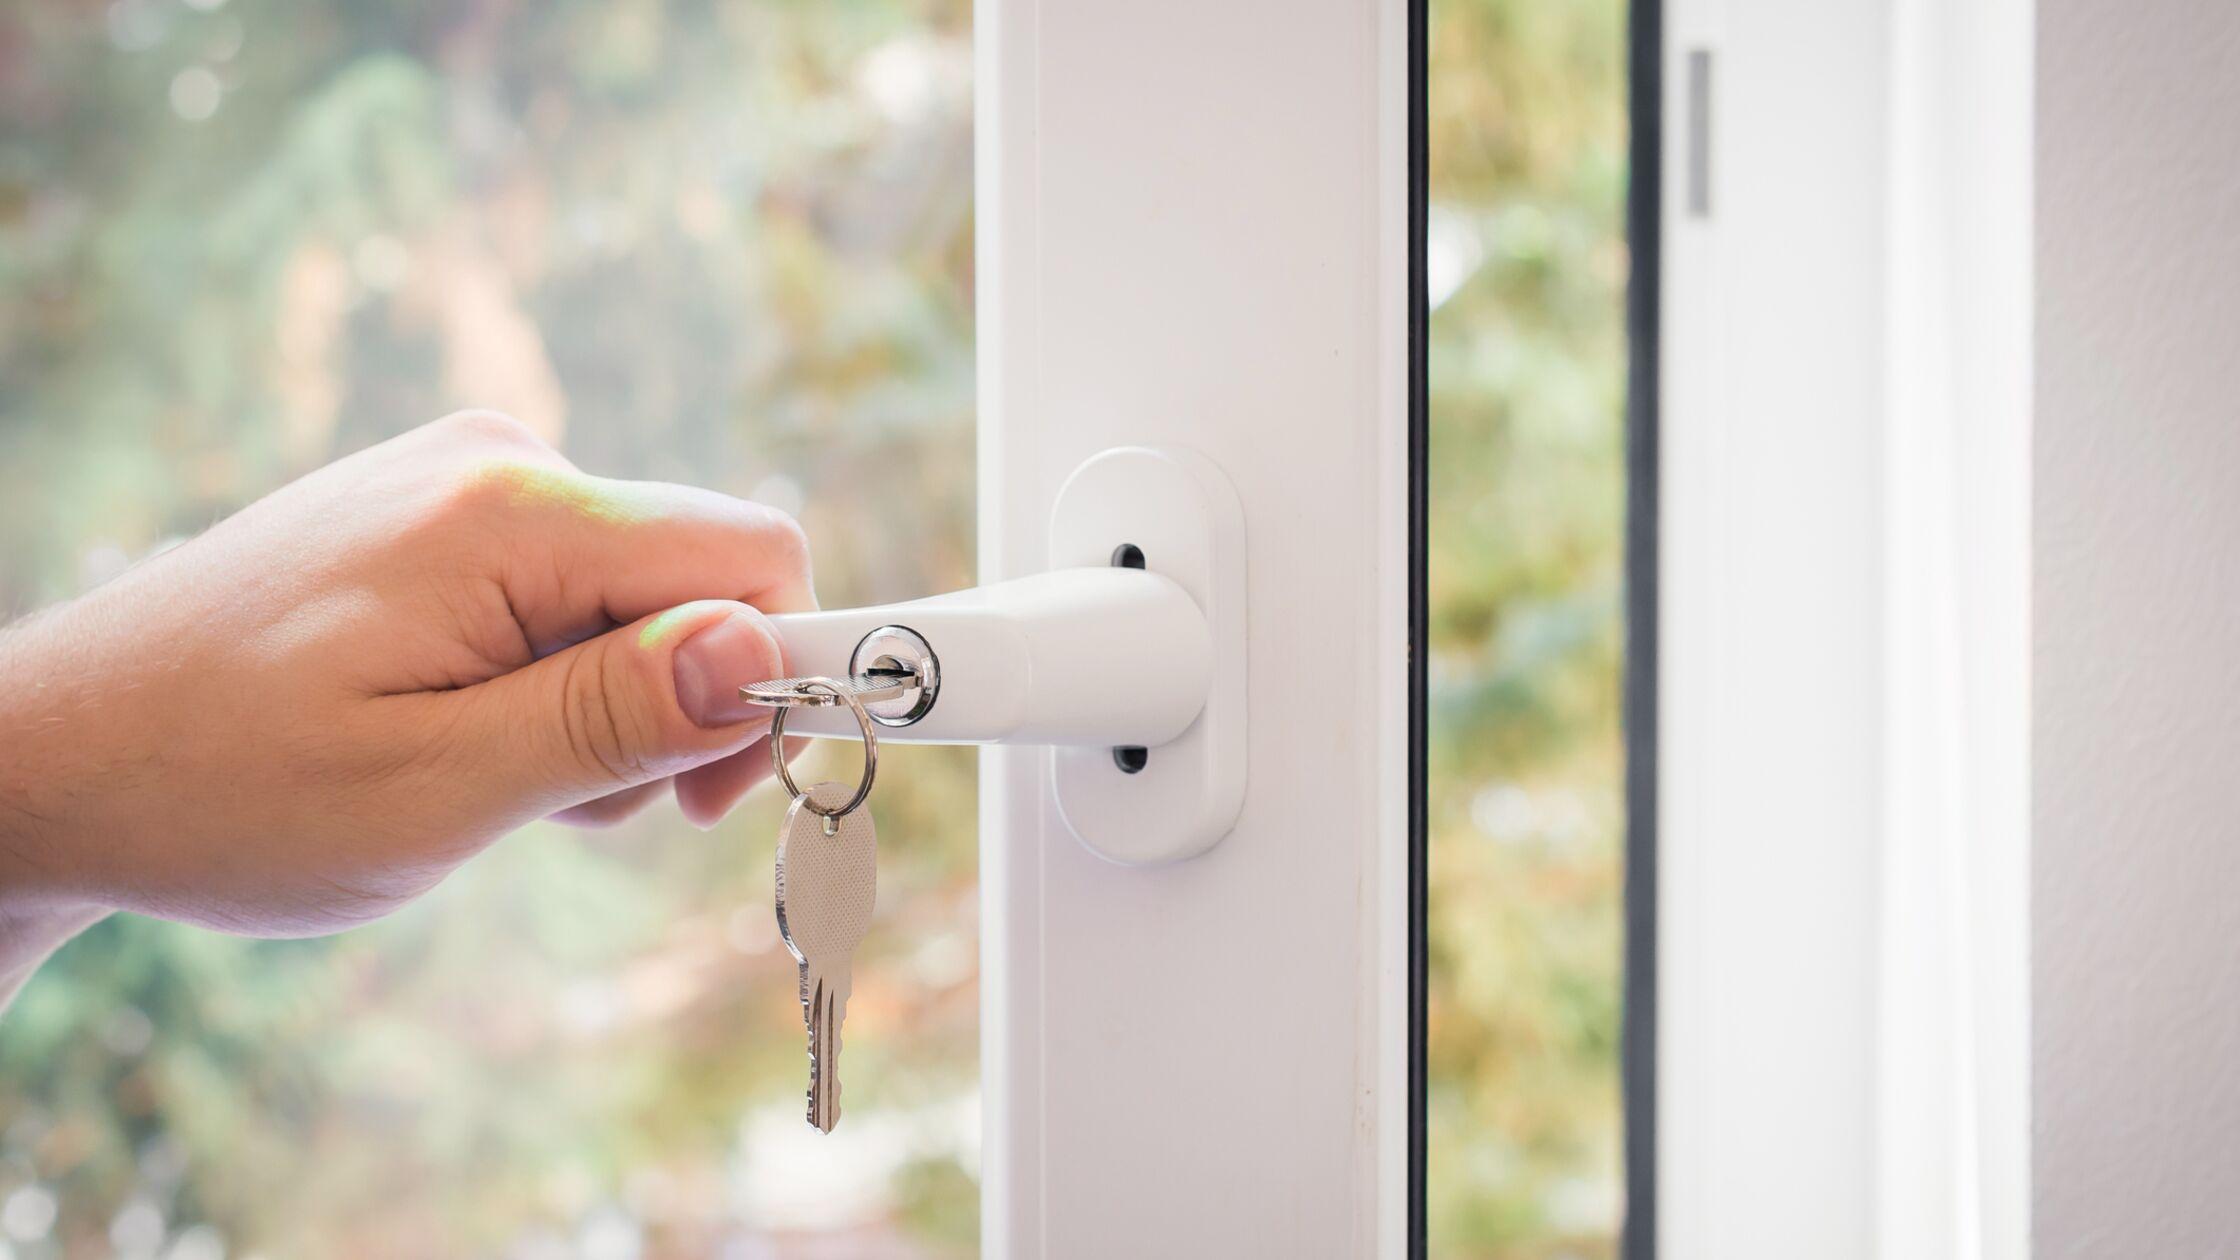 Einbruchschutz: Fenster gegen Einbrecher sichern